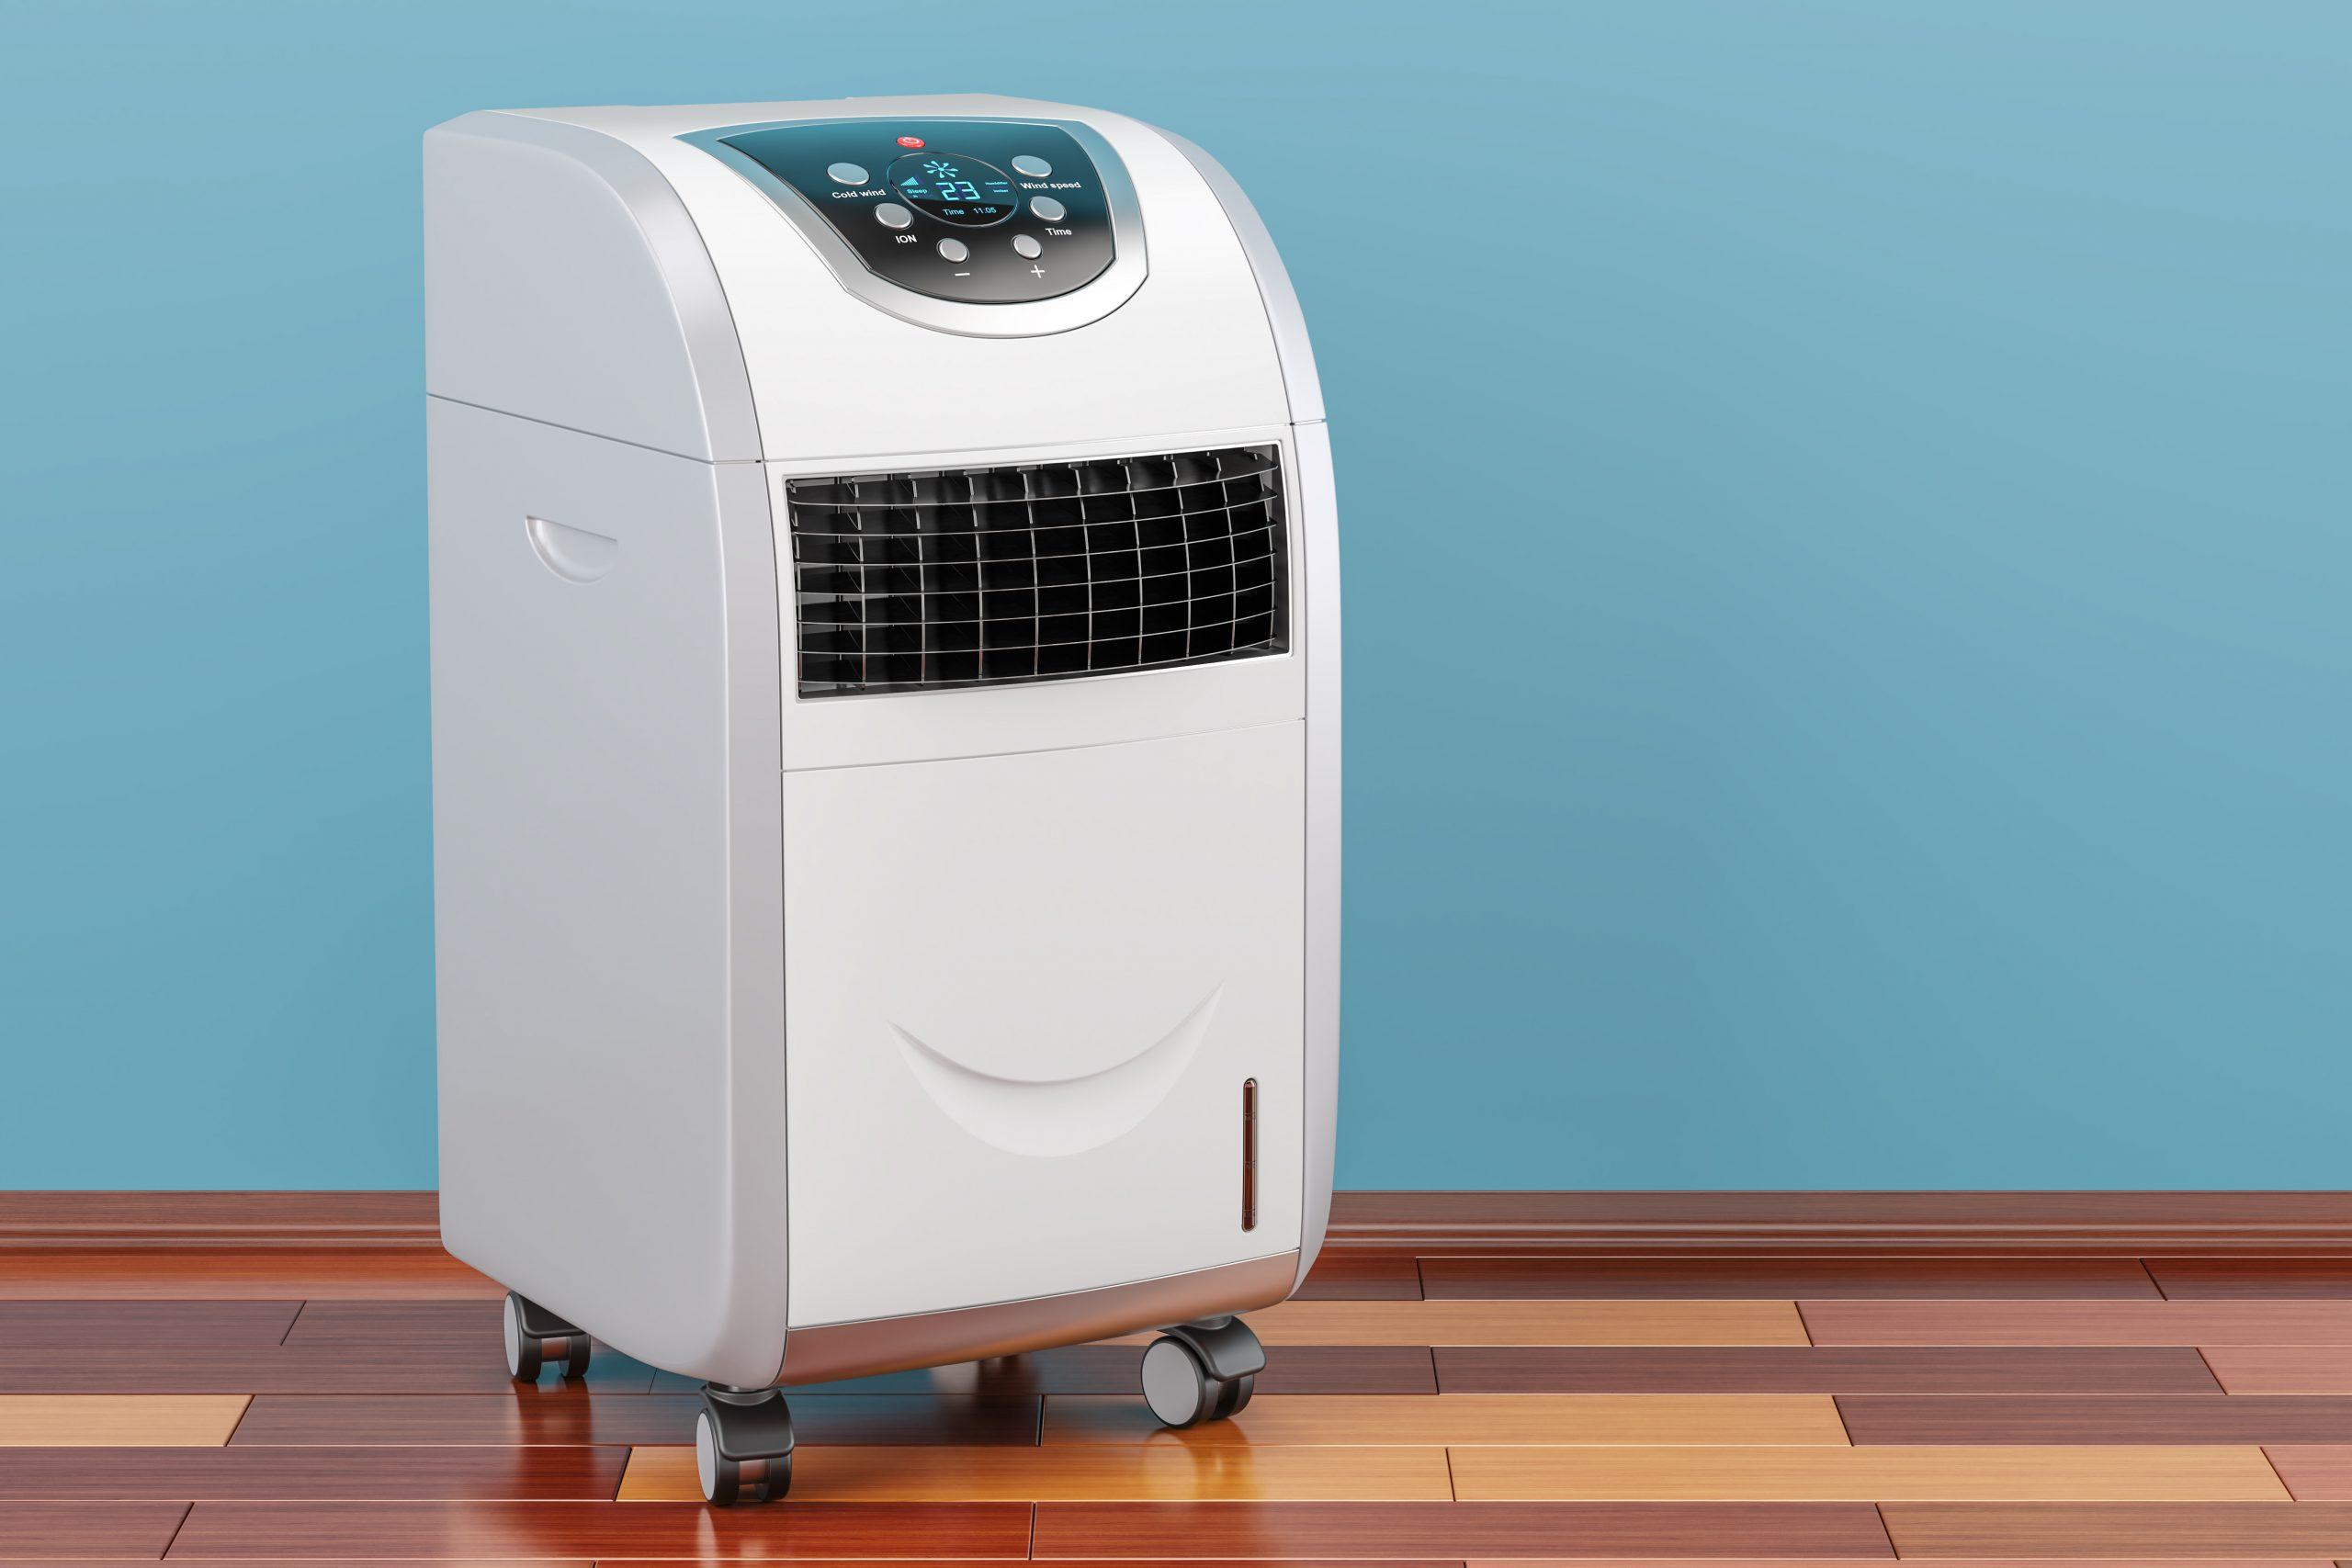 Klimaanlage fürs Schlafzimmer: Test & Empfehlungen (15/15